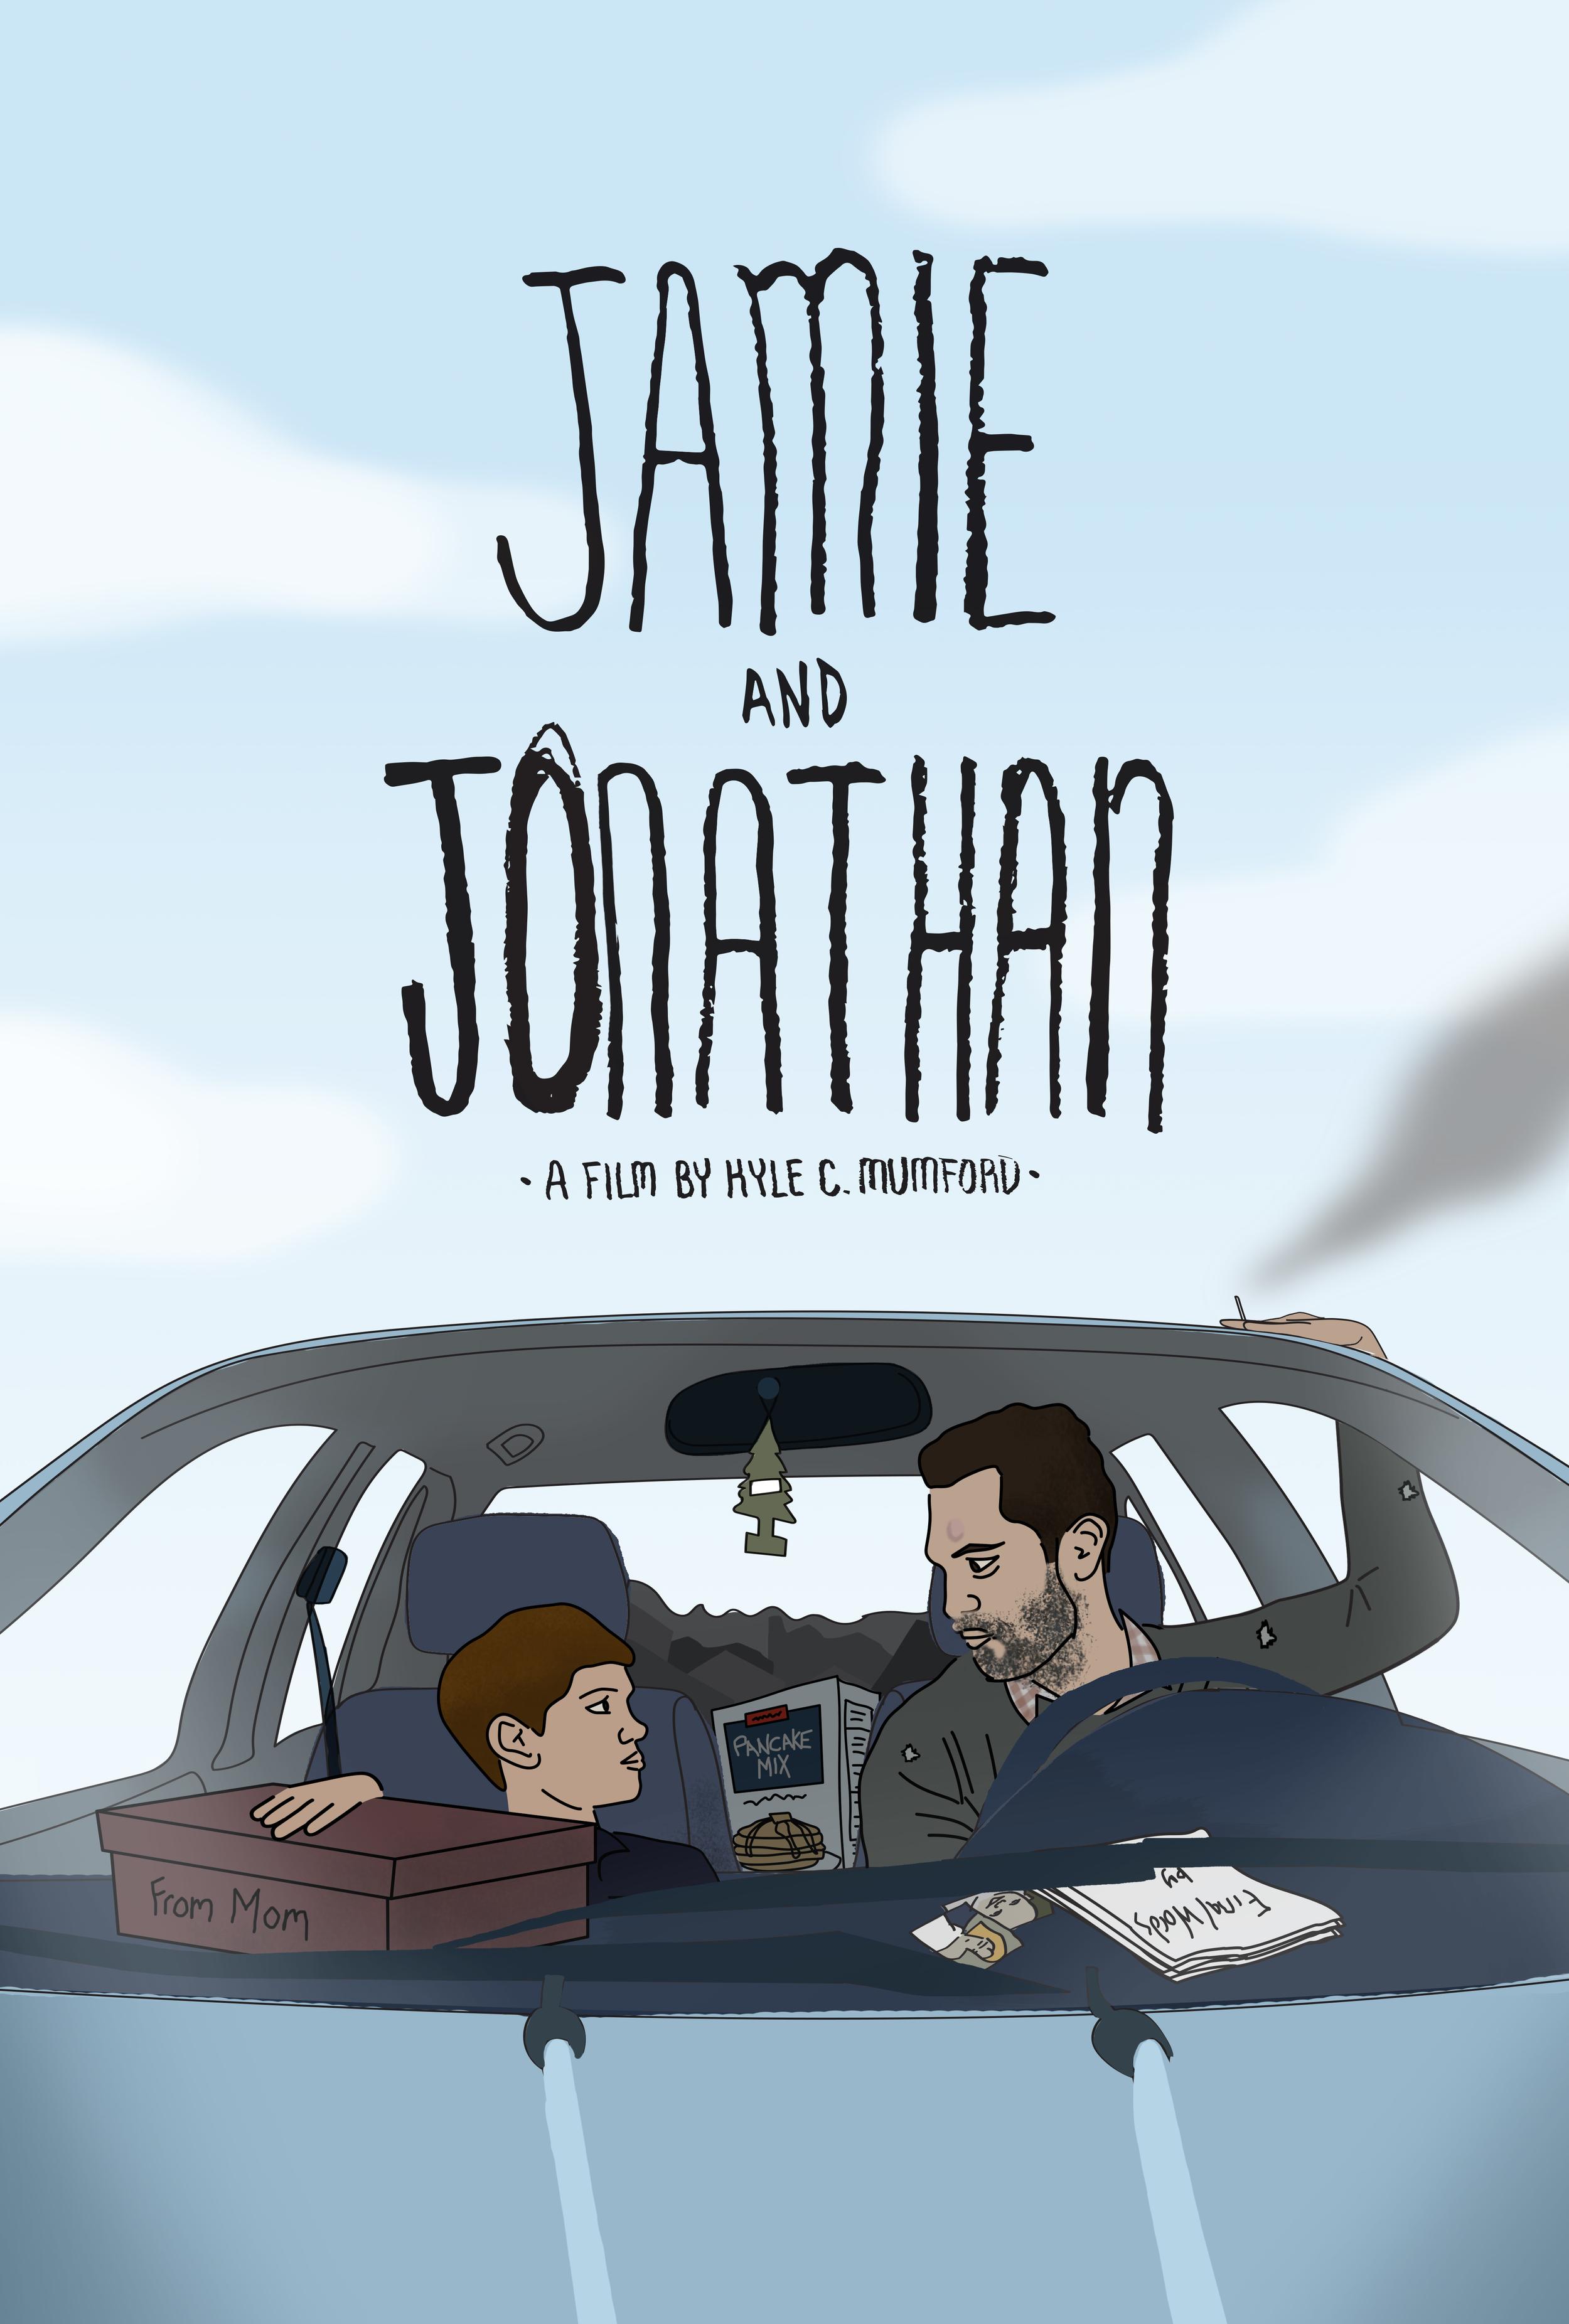 J&J Poster.jpg